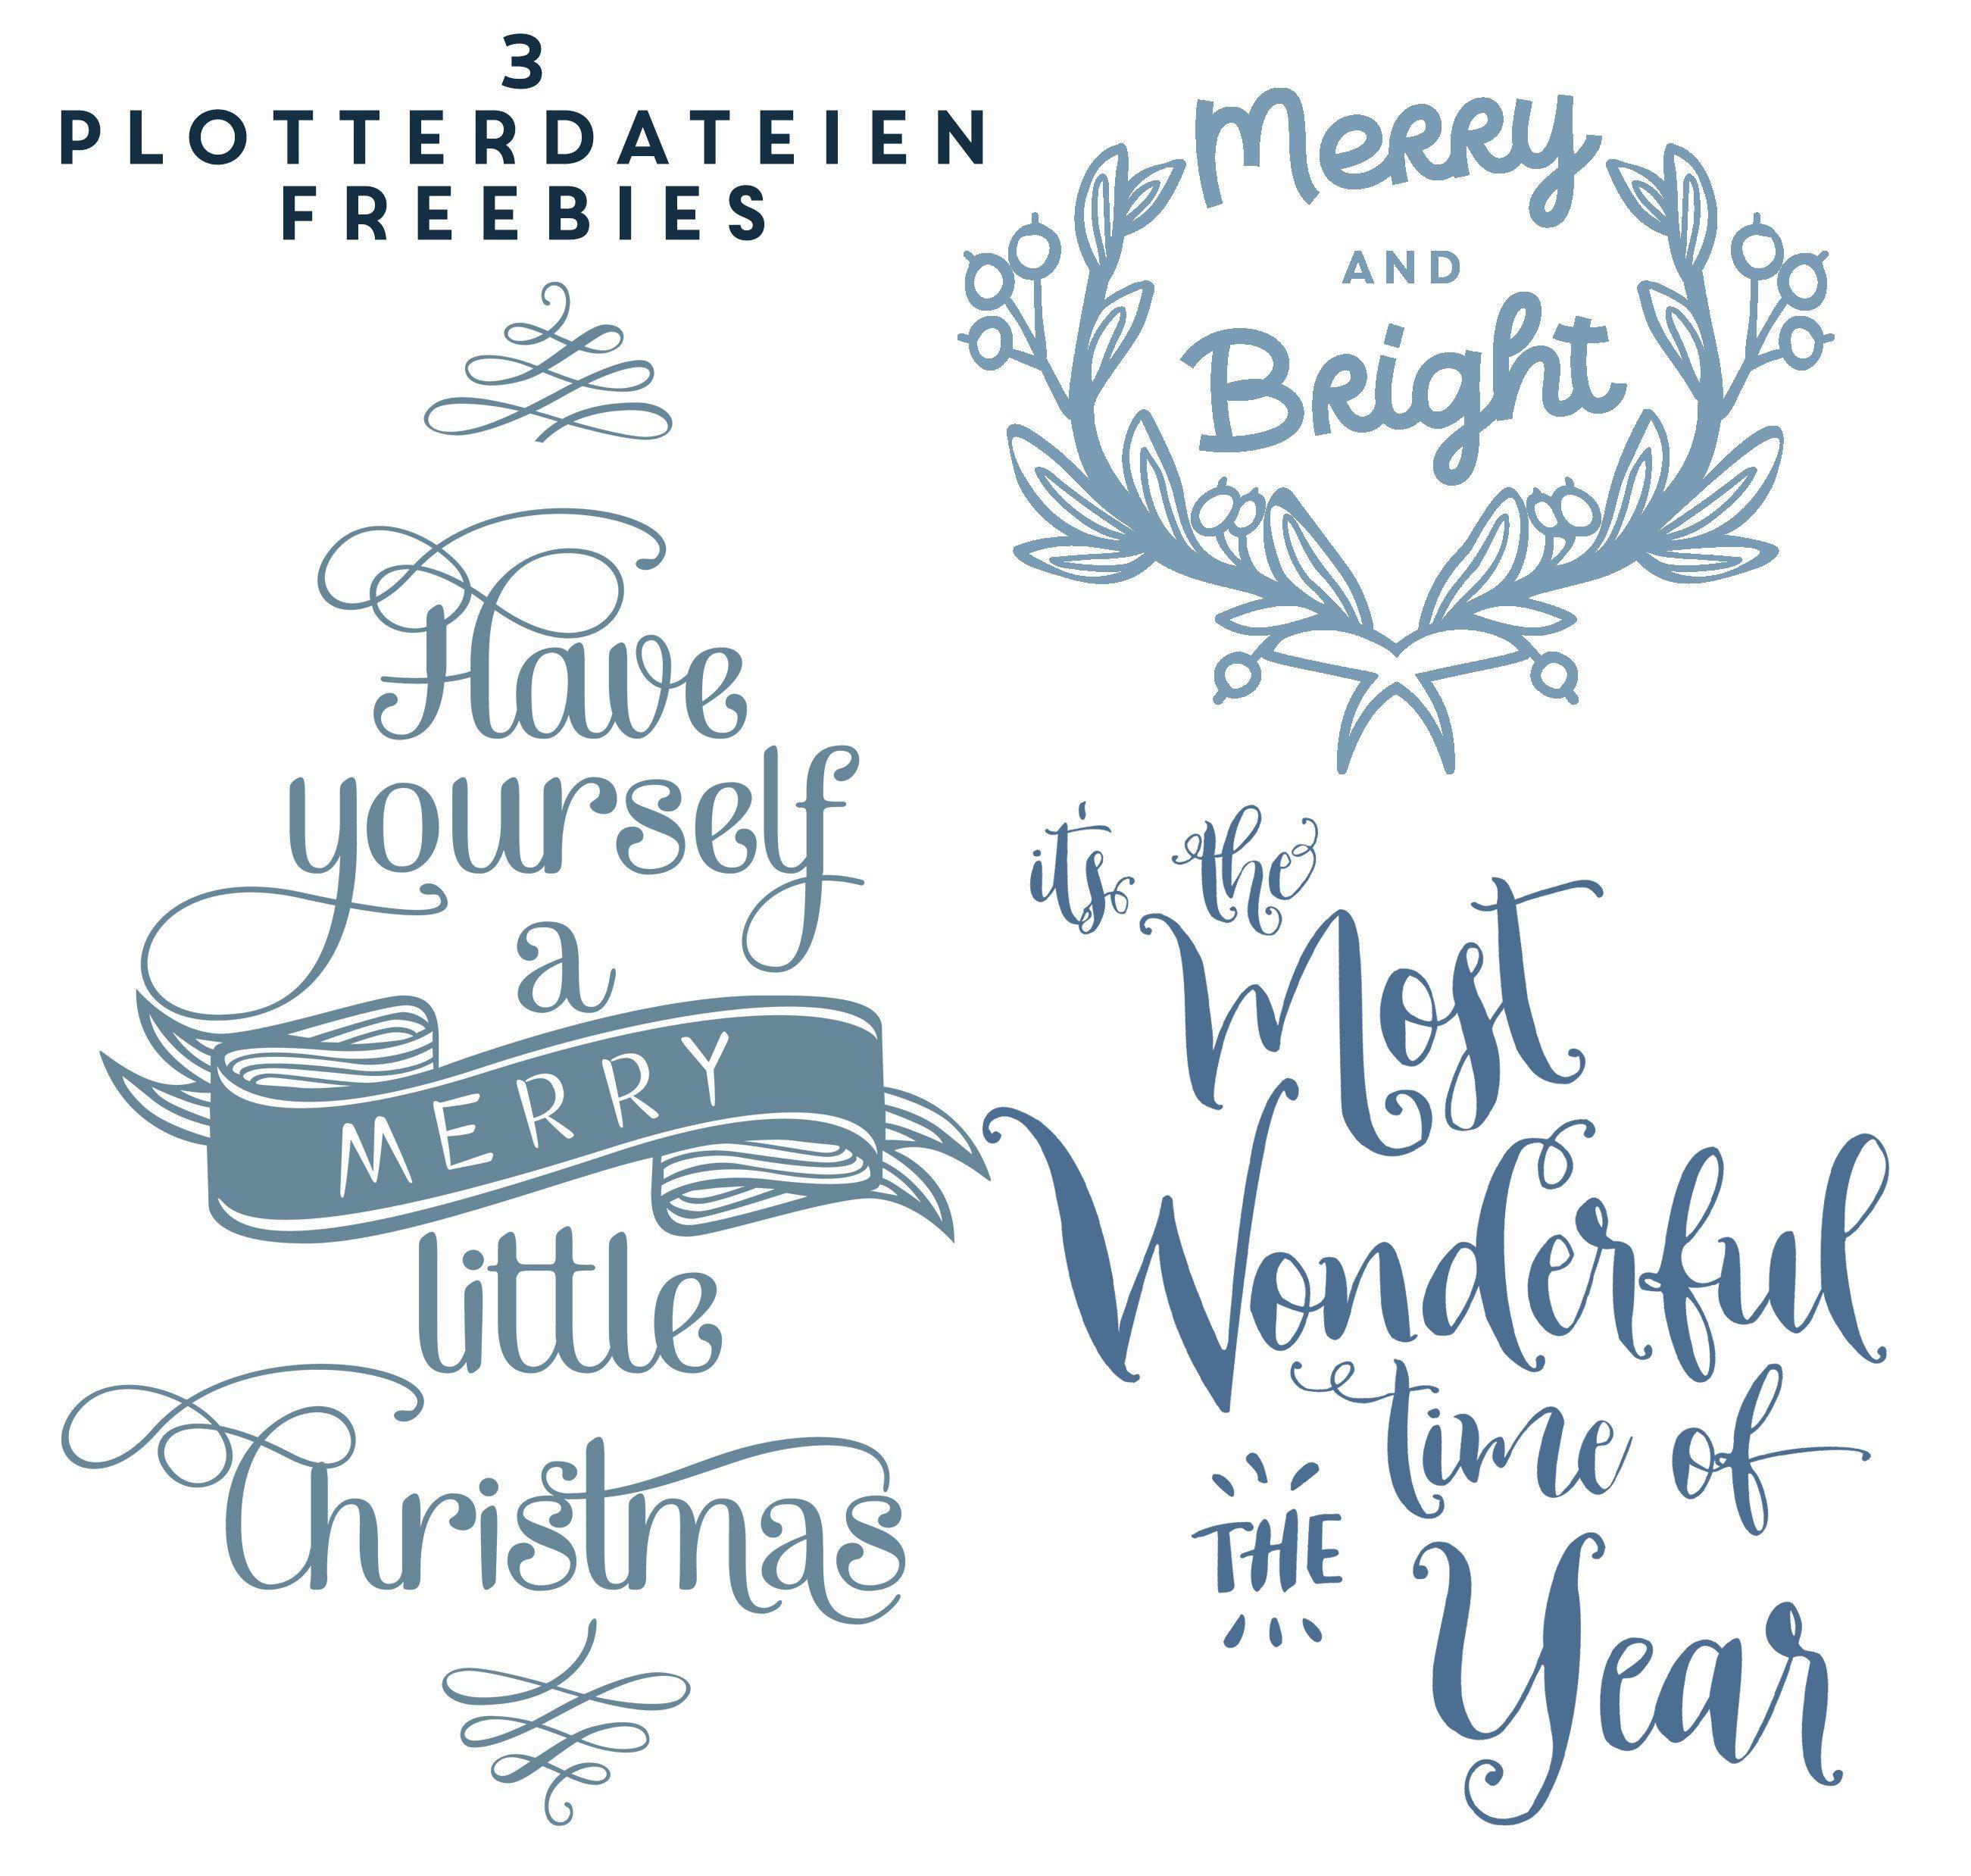 Freebie 3 weihnachtliche plotterdateien plotterdatei kostenlos und weihnachten - Silhouette cameo vorlagen ...